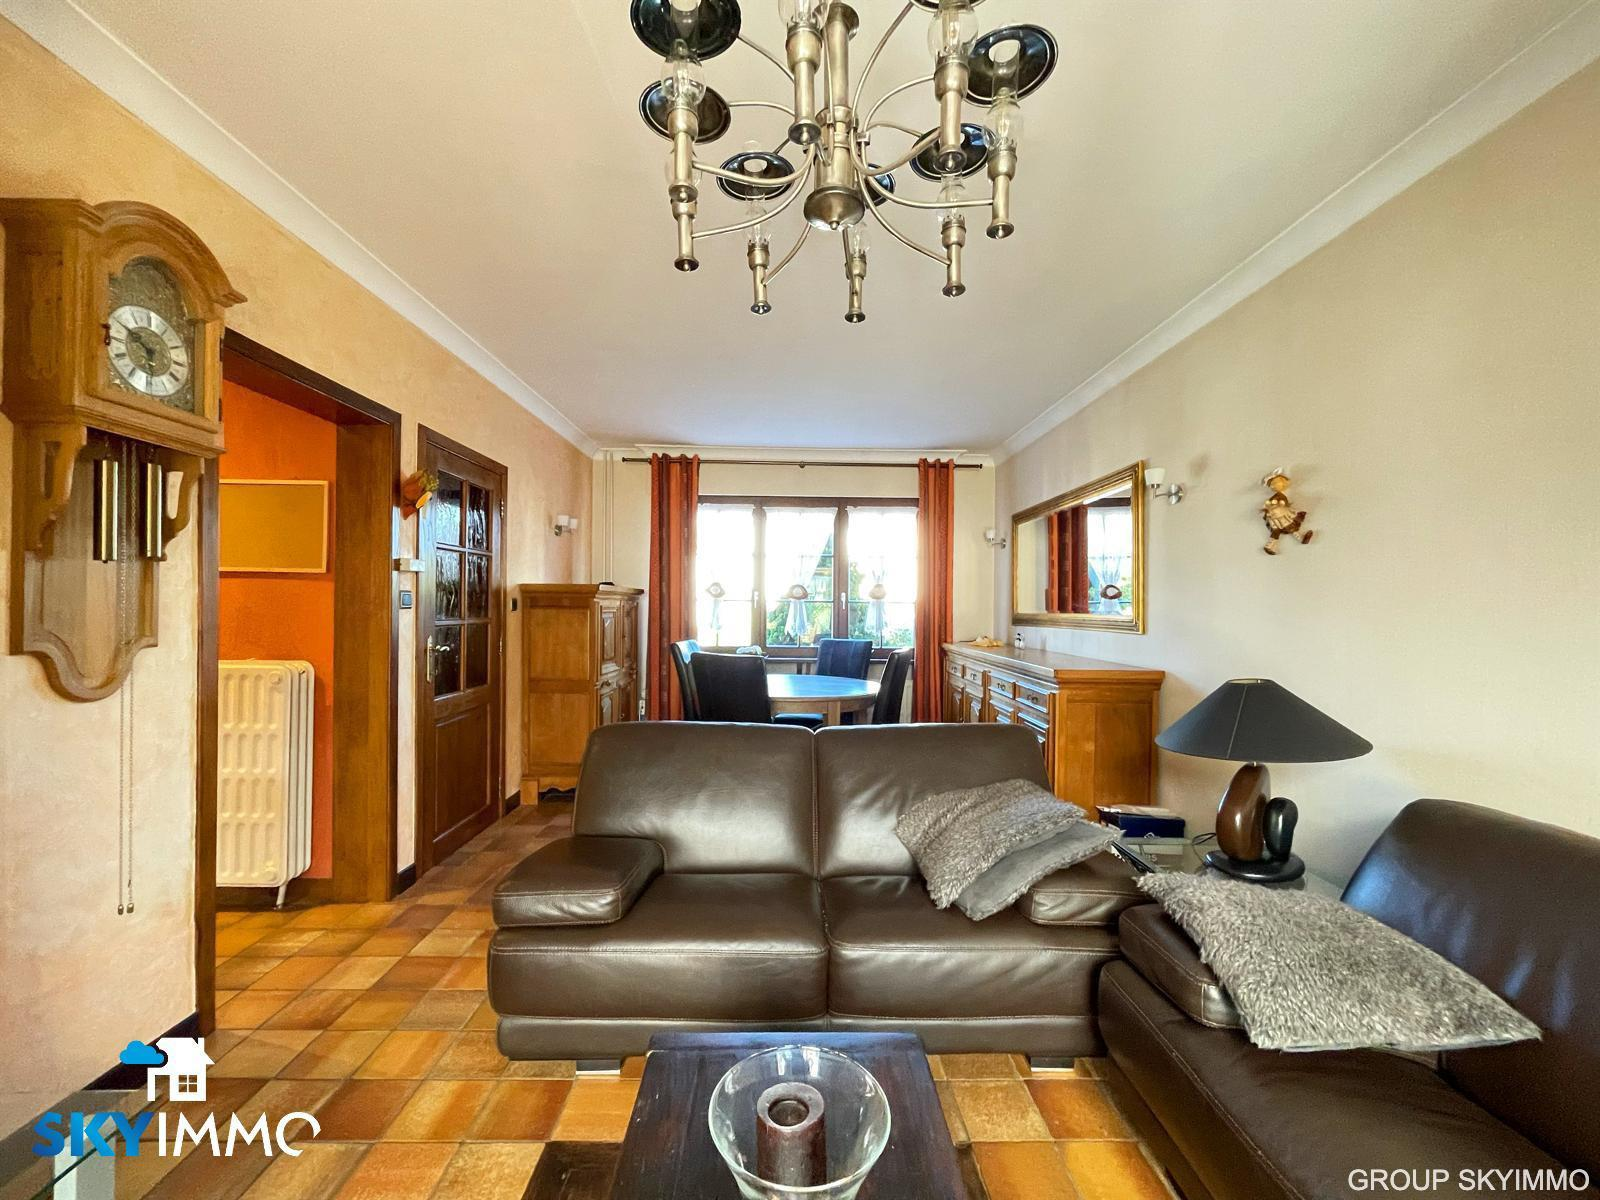 Maison unifamiliale - Flemalle - #4529033-8